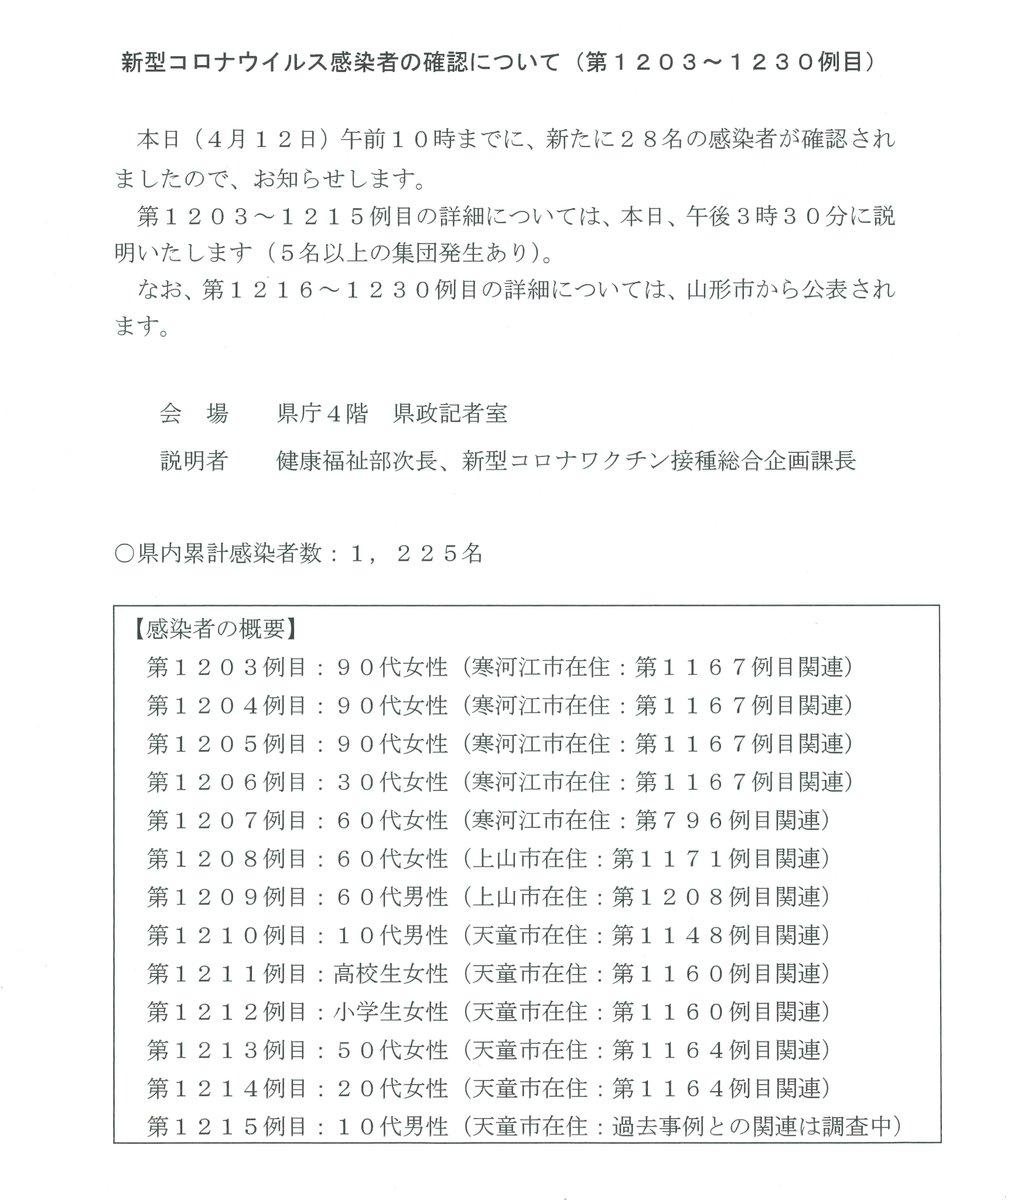 山形 県 コロナ 最新 情報